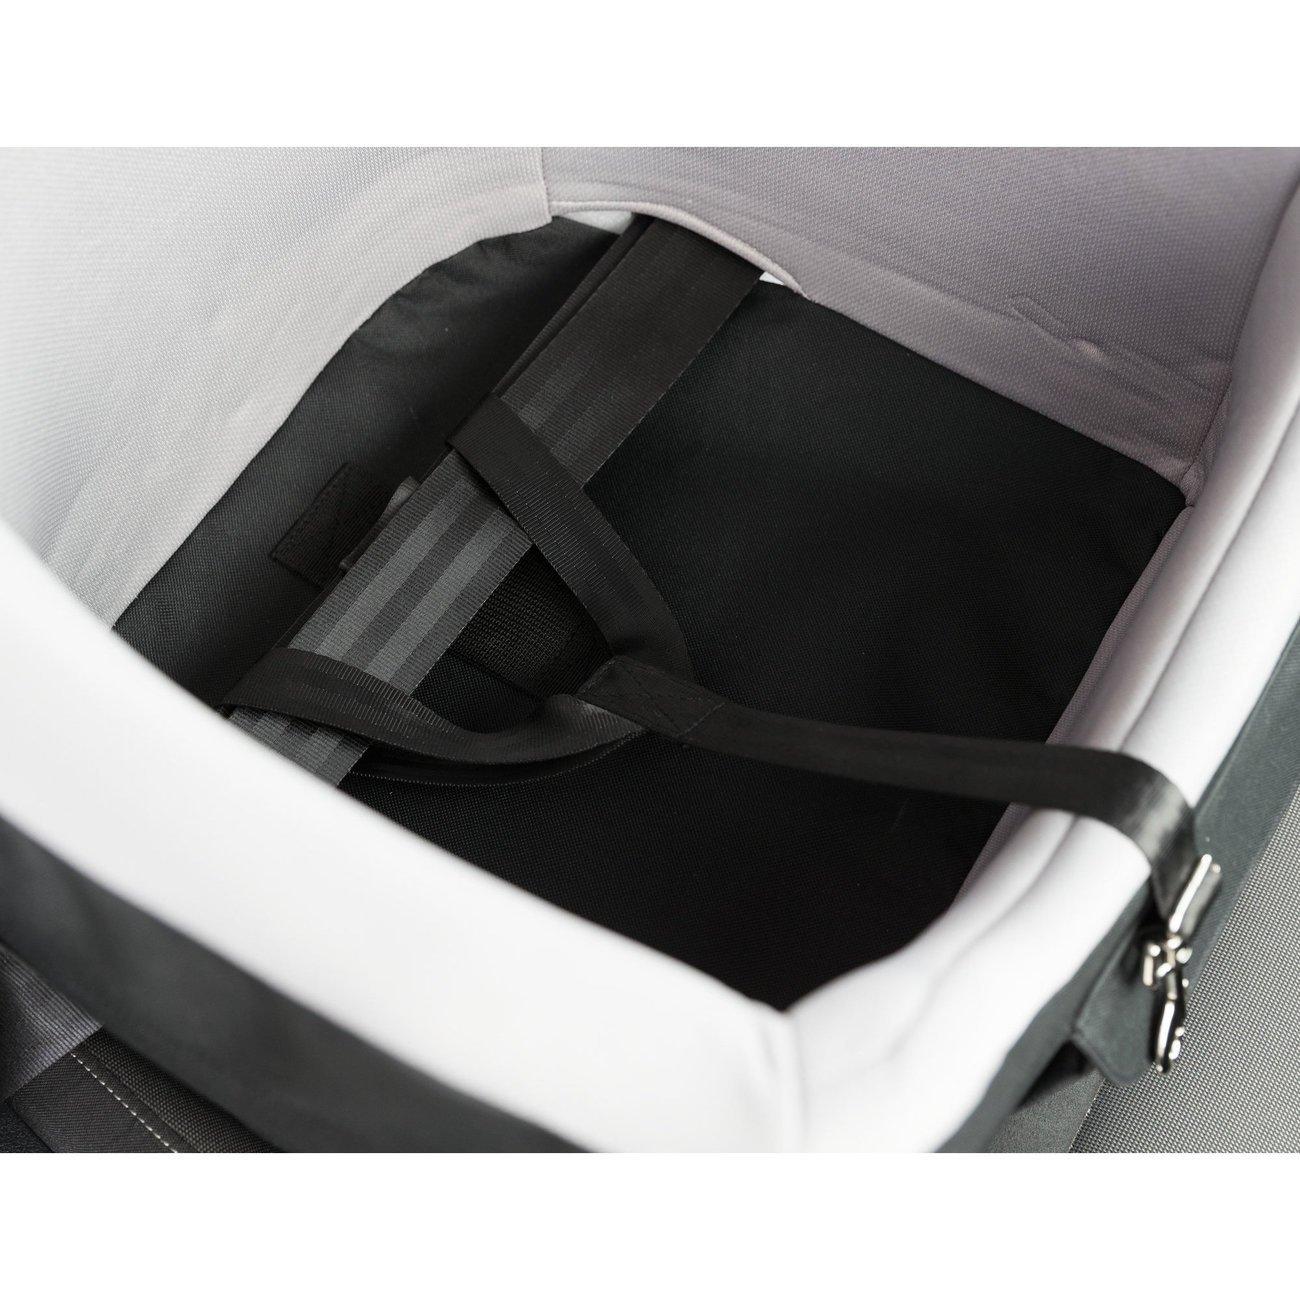 TRIXIE Autositz für kleine Hunde bis 8 kg 13176, Bild 32